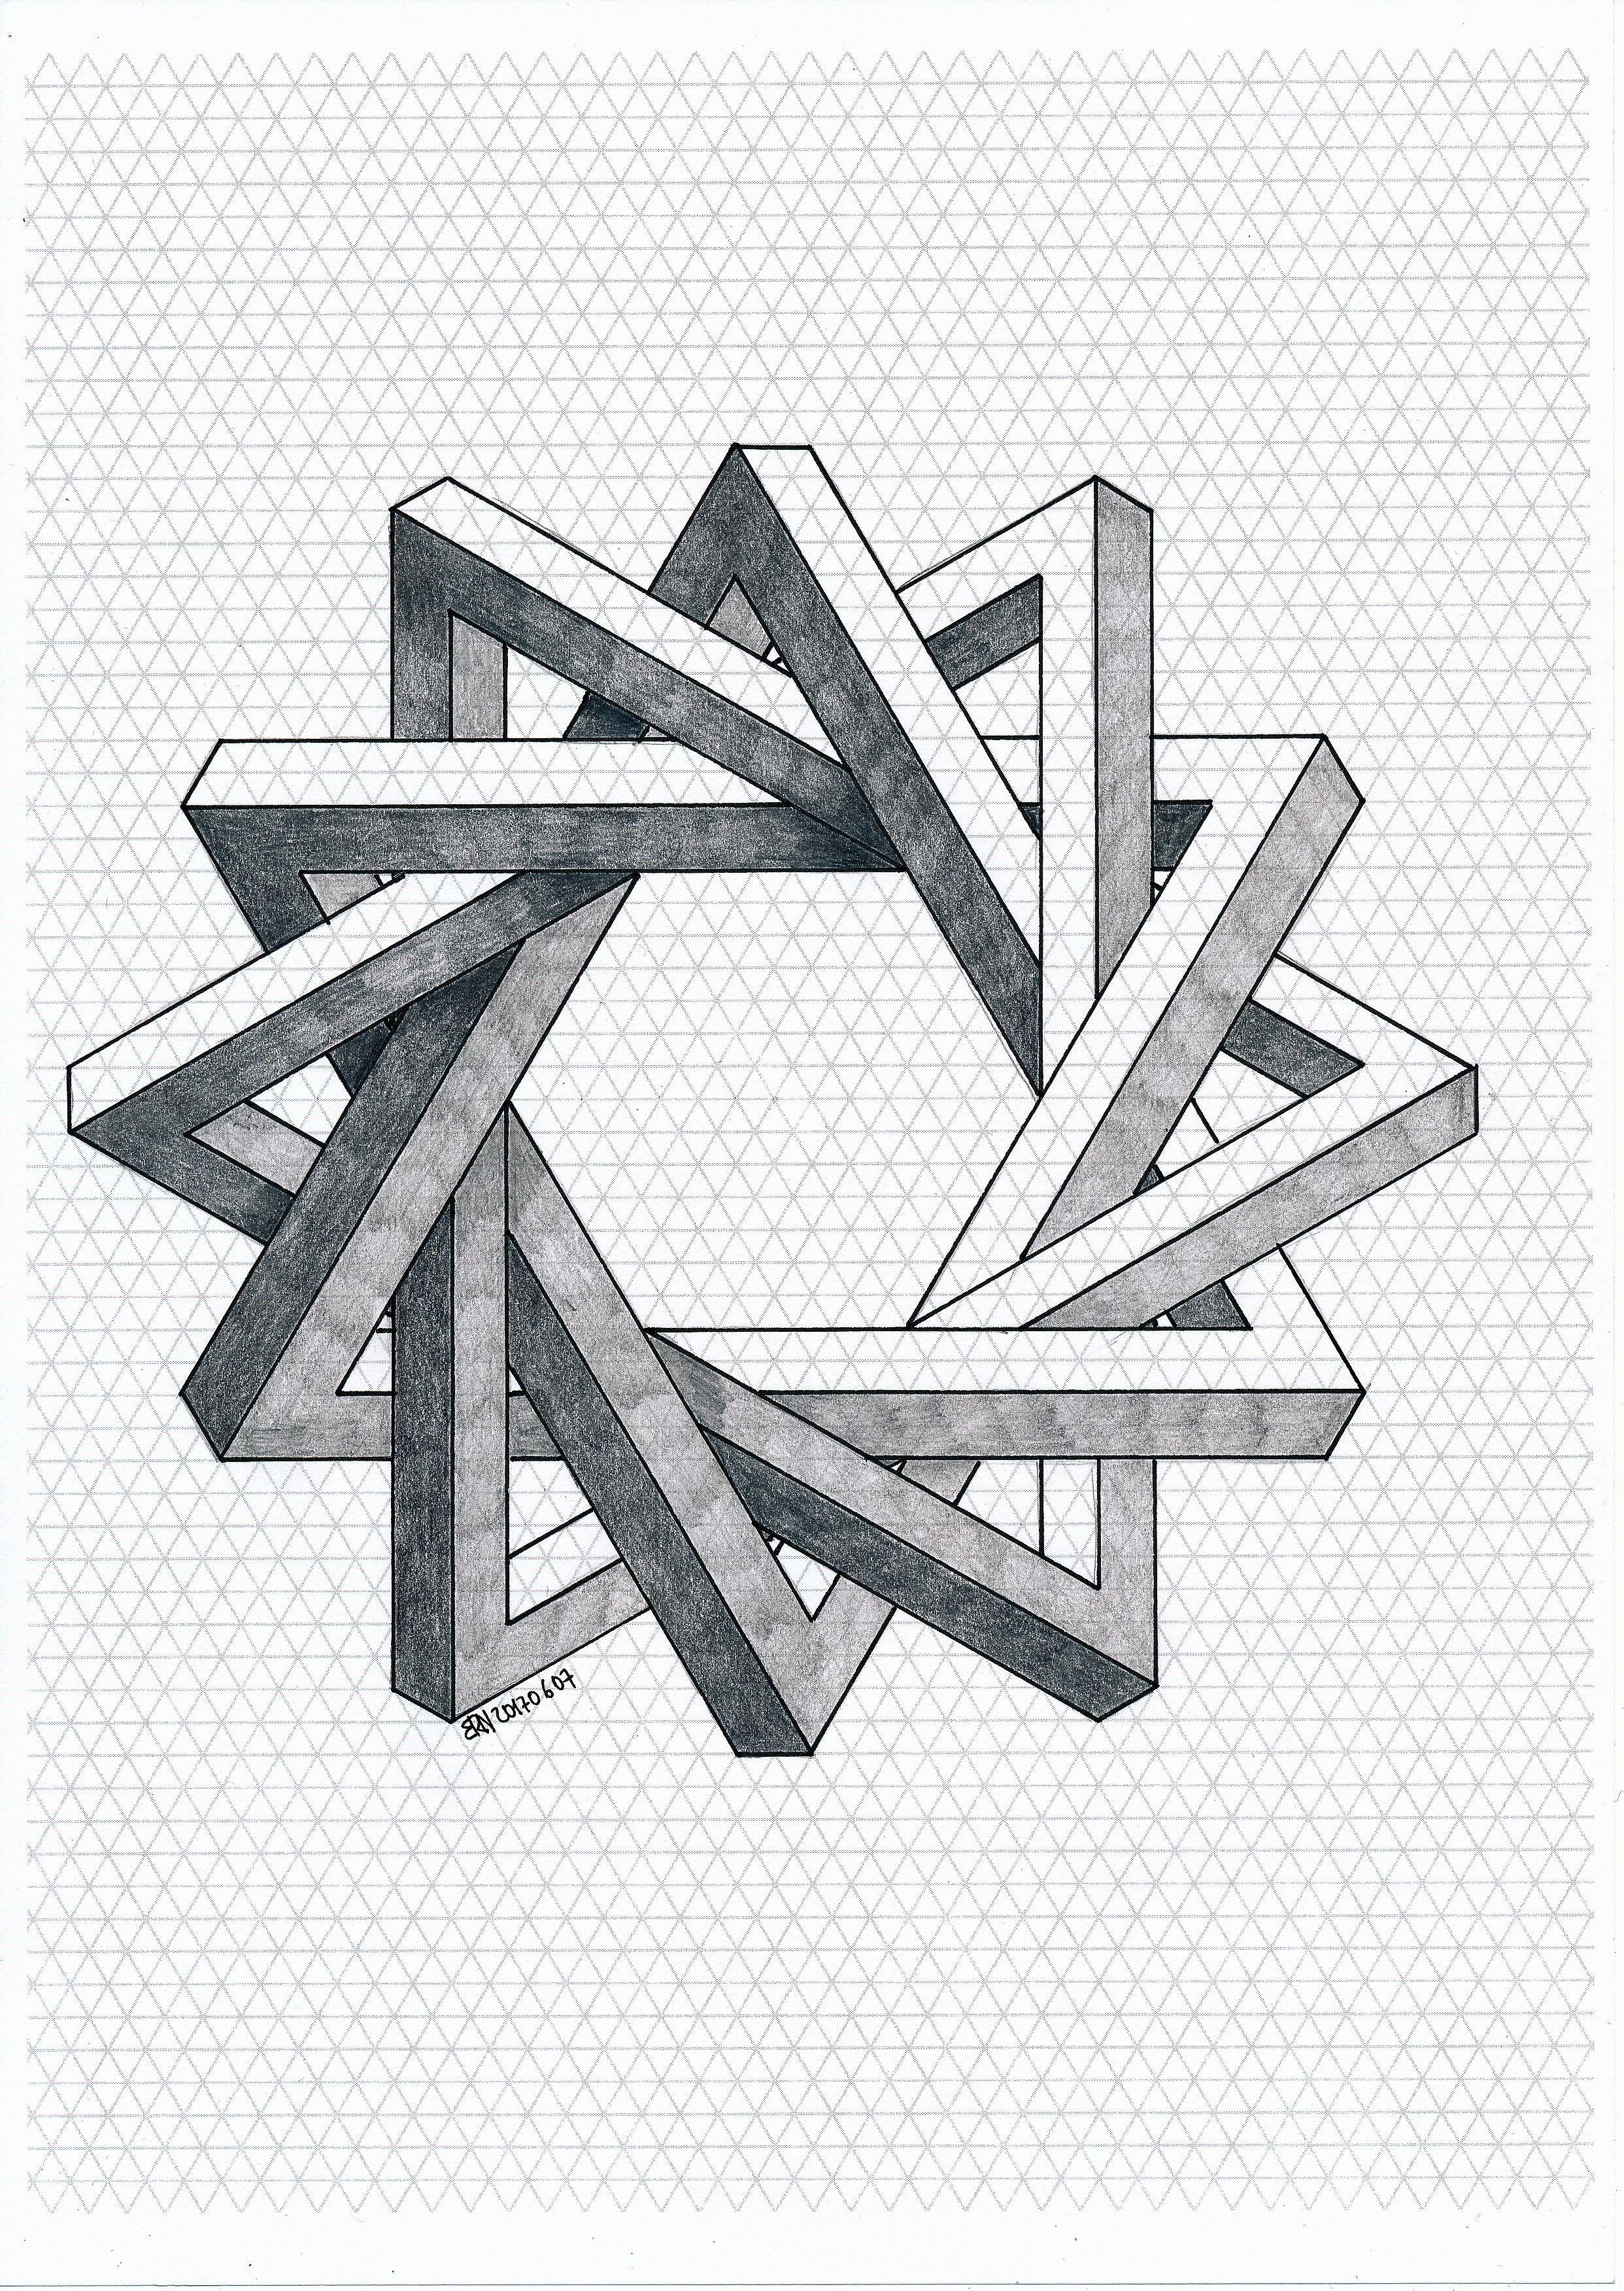 подходит несуществующие геометрические фигуры картинки готовитесь снимать